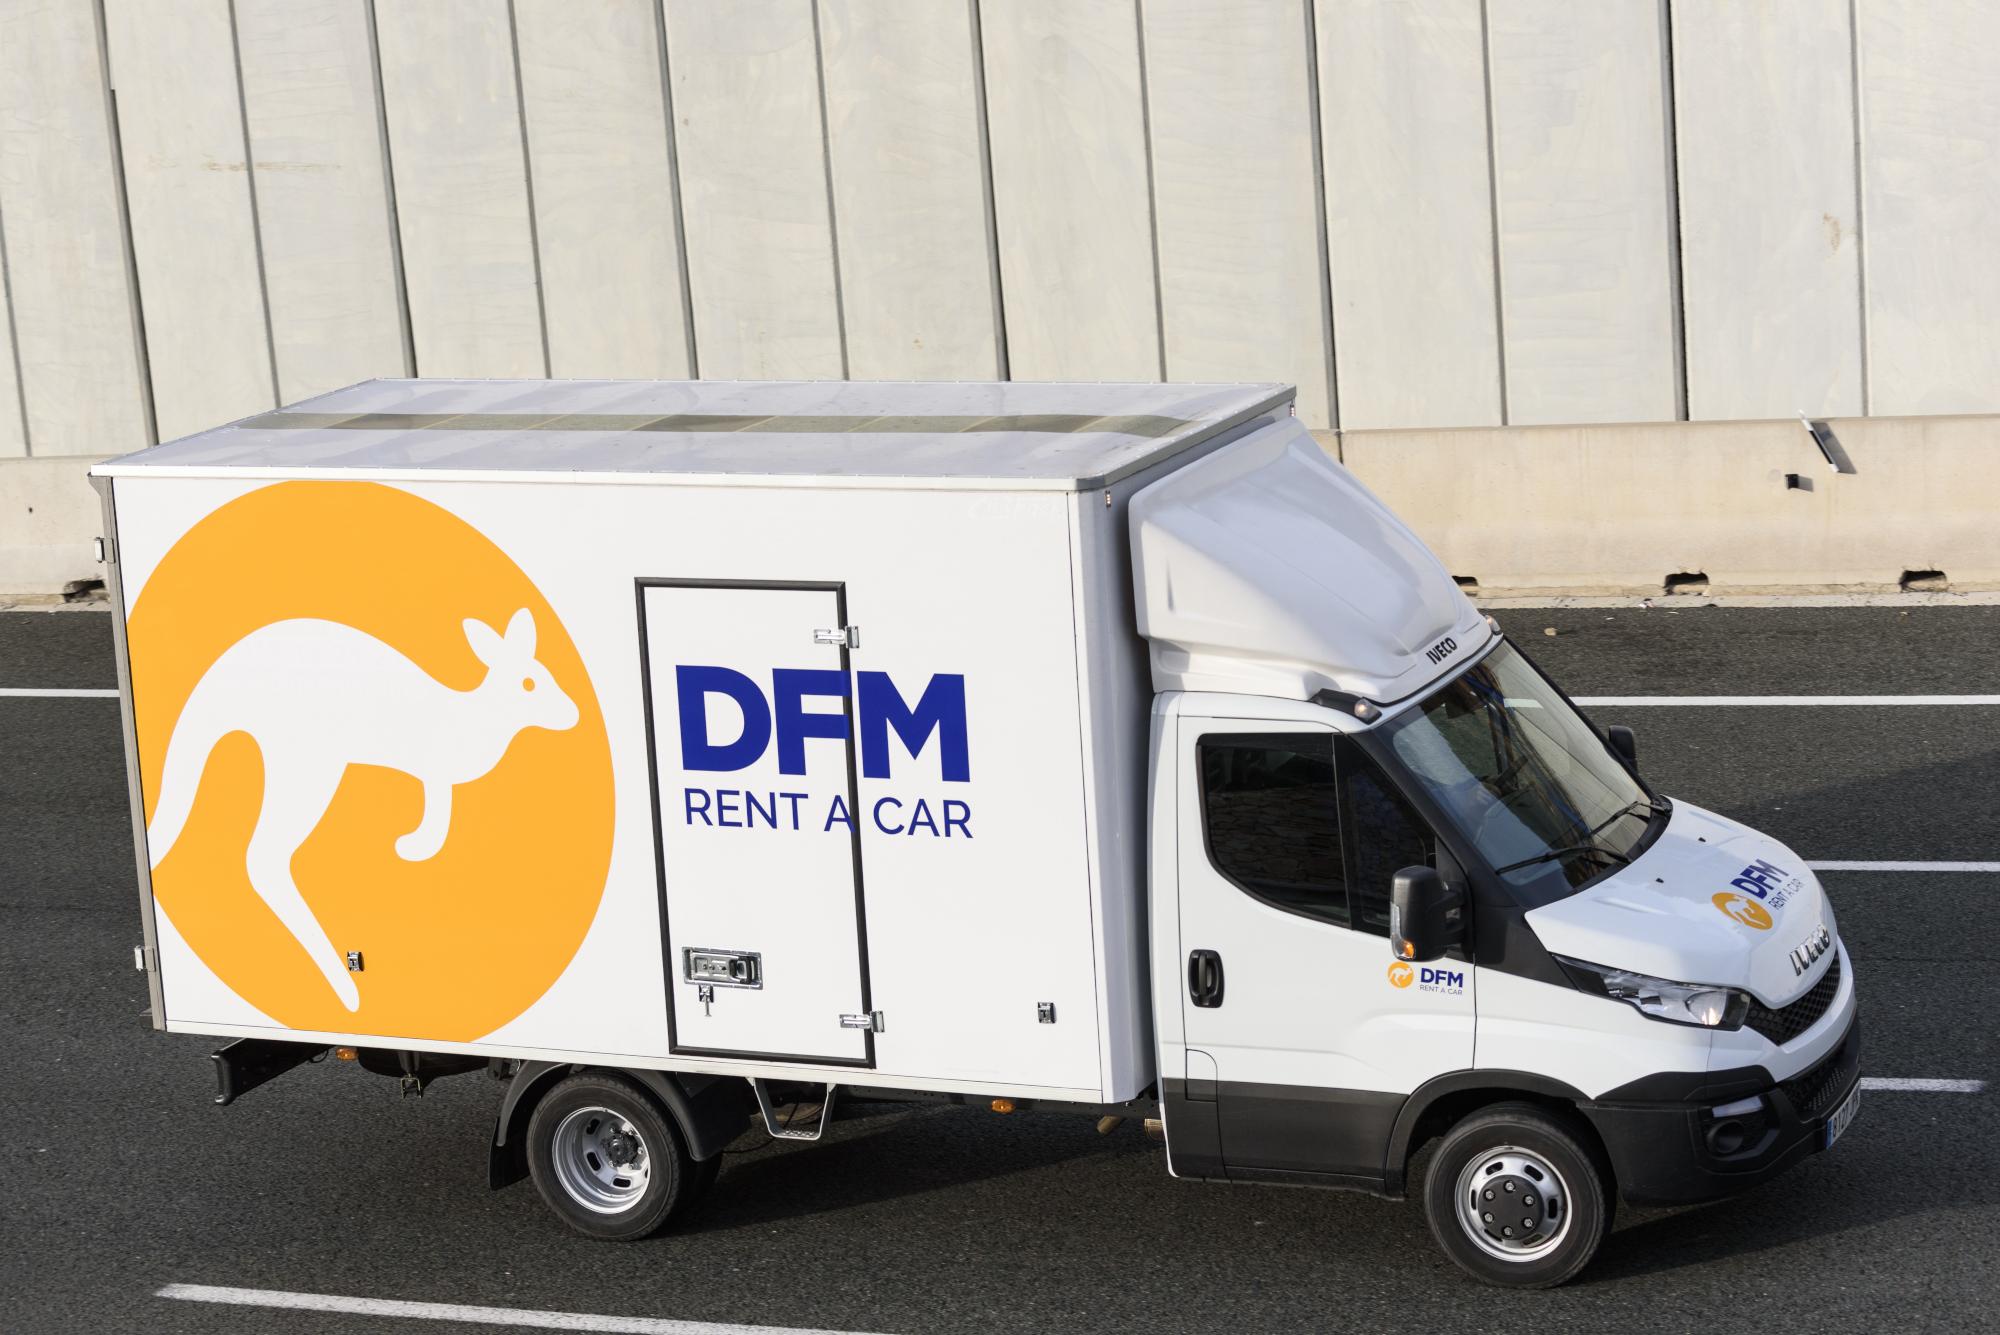 Furgón de alquiler en Murcia. DFM Rent a Car cuenta con la mayor oferta de furgonetas y furgones de alquiler en la ciudad de Murcia.